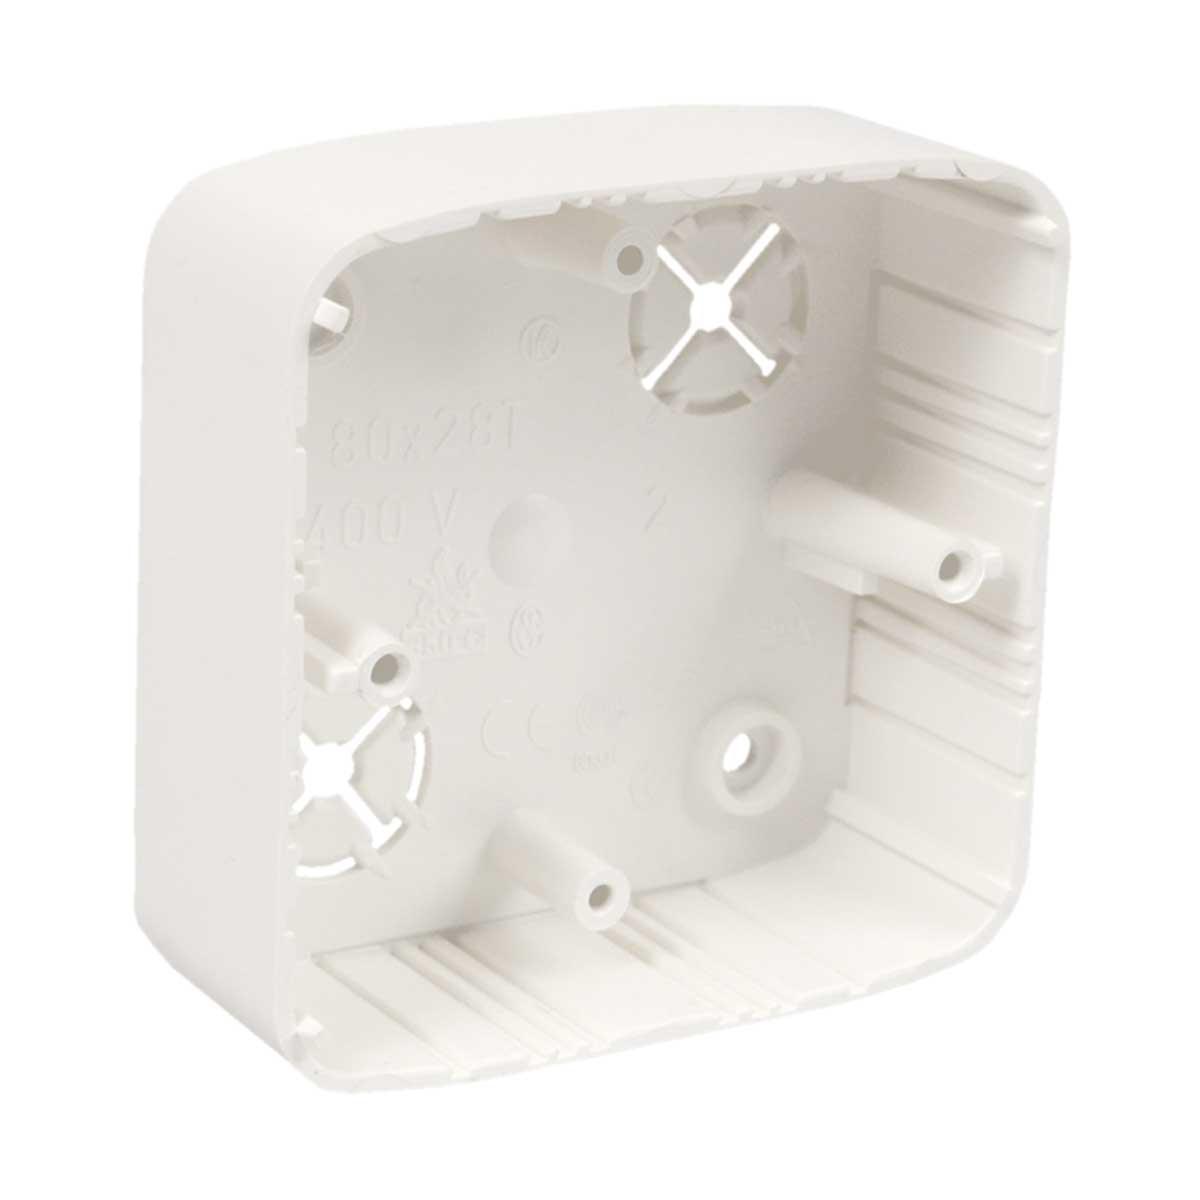 Коробка приладова (дуб) ПВХ; розміри 80,5х80,5х28мм